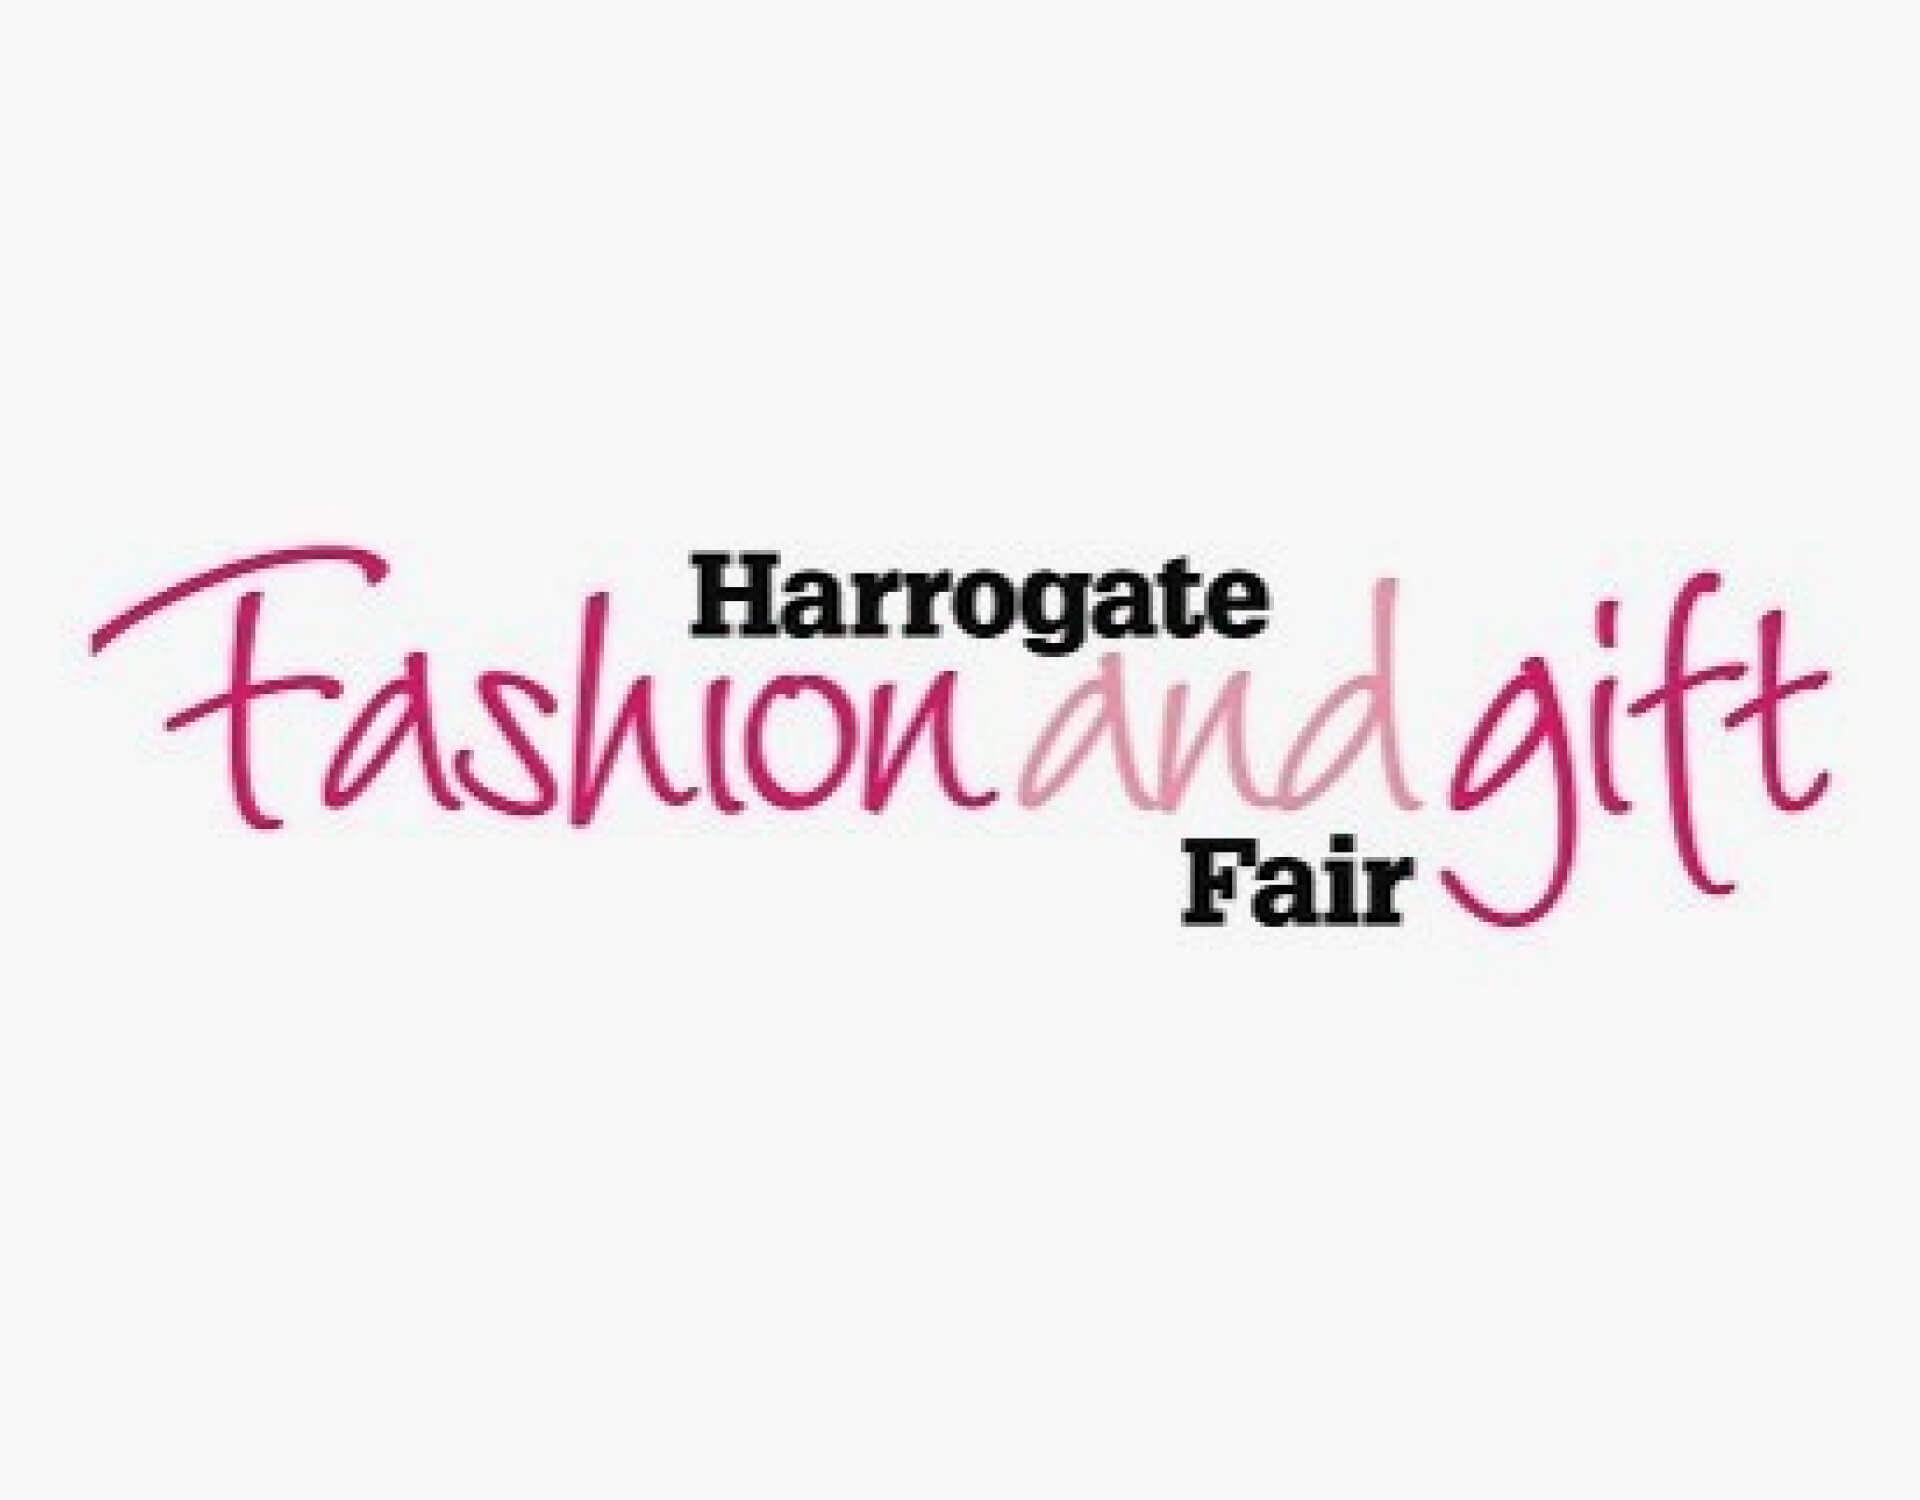 Harrogate Gift & Fashion Fair